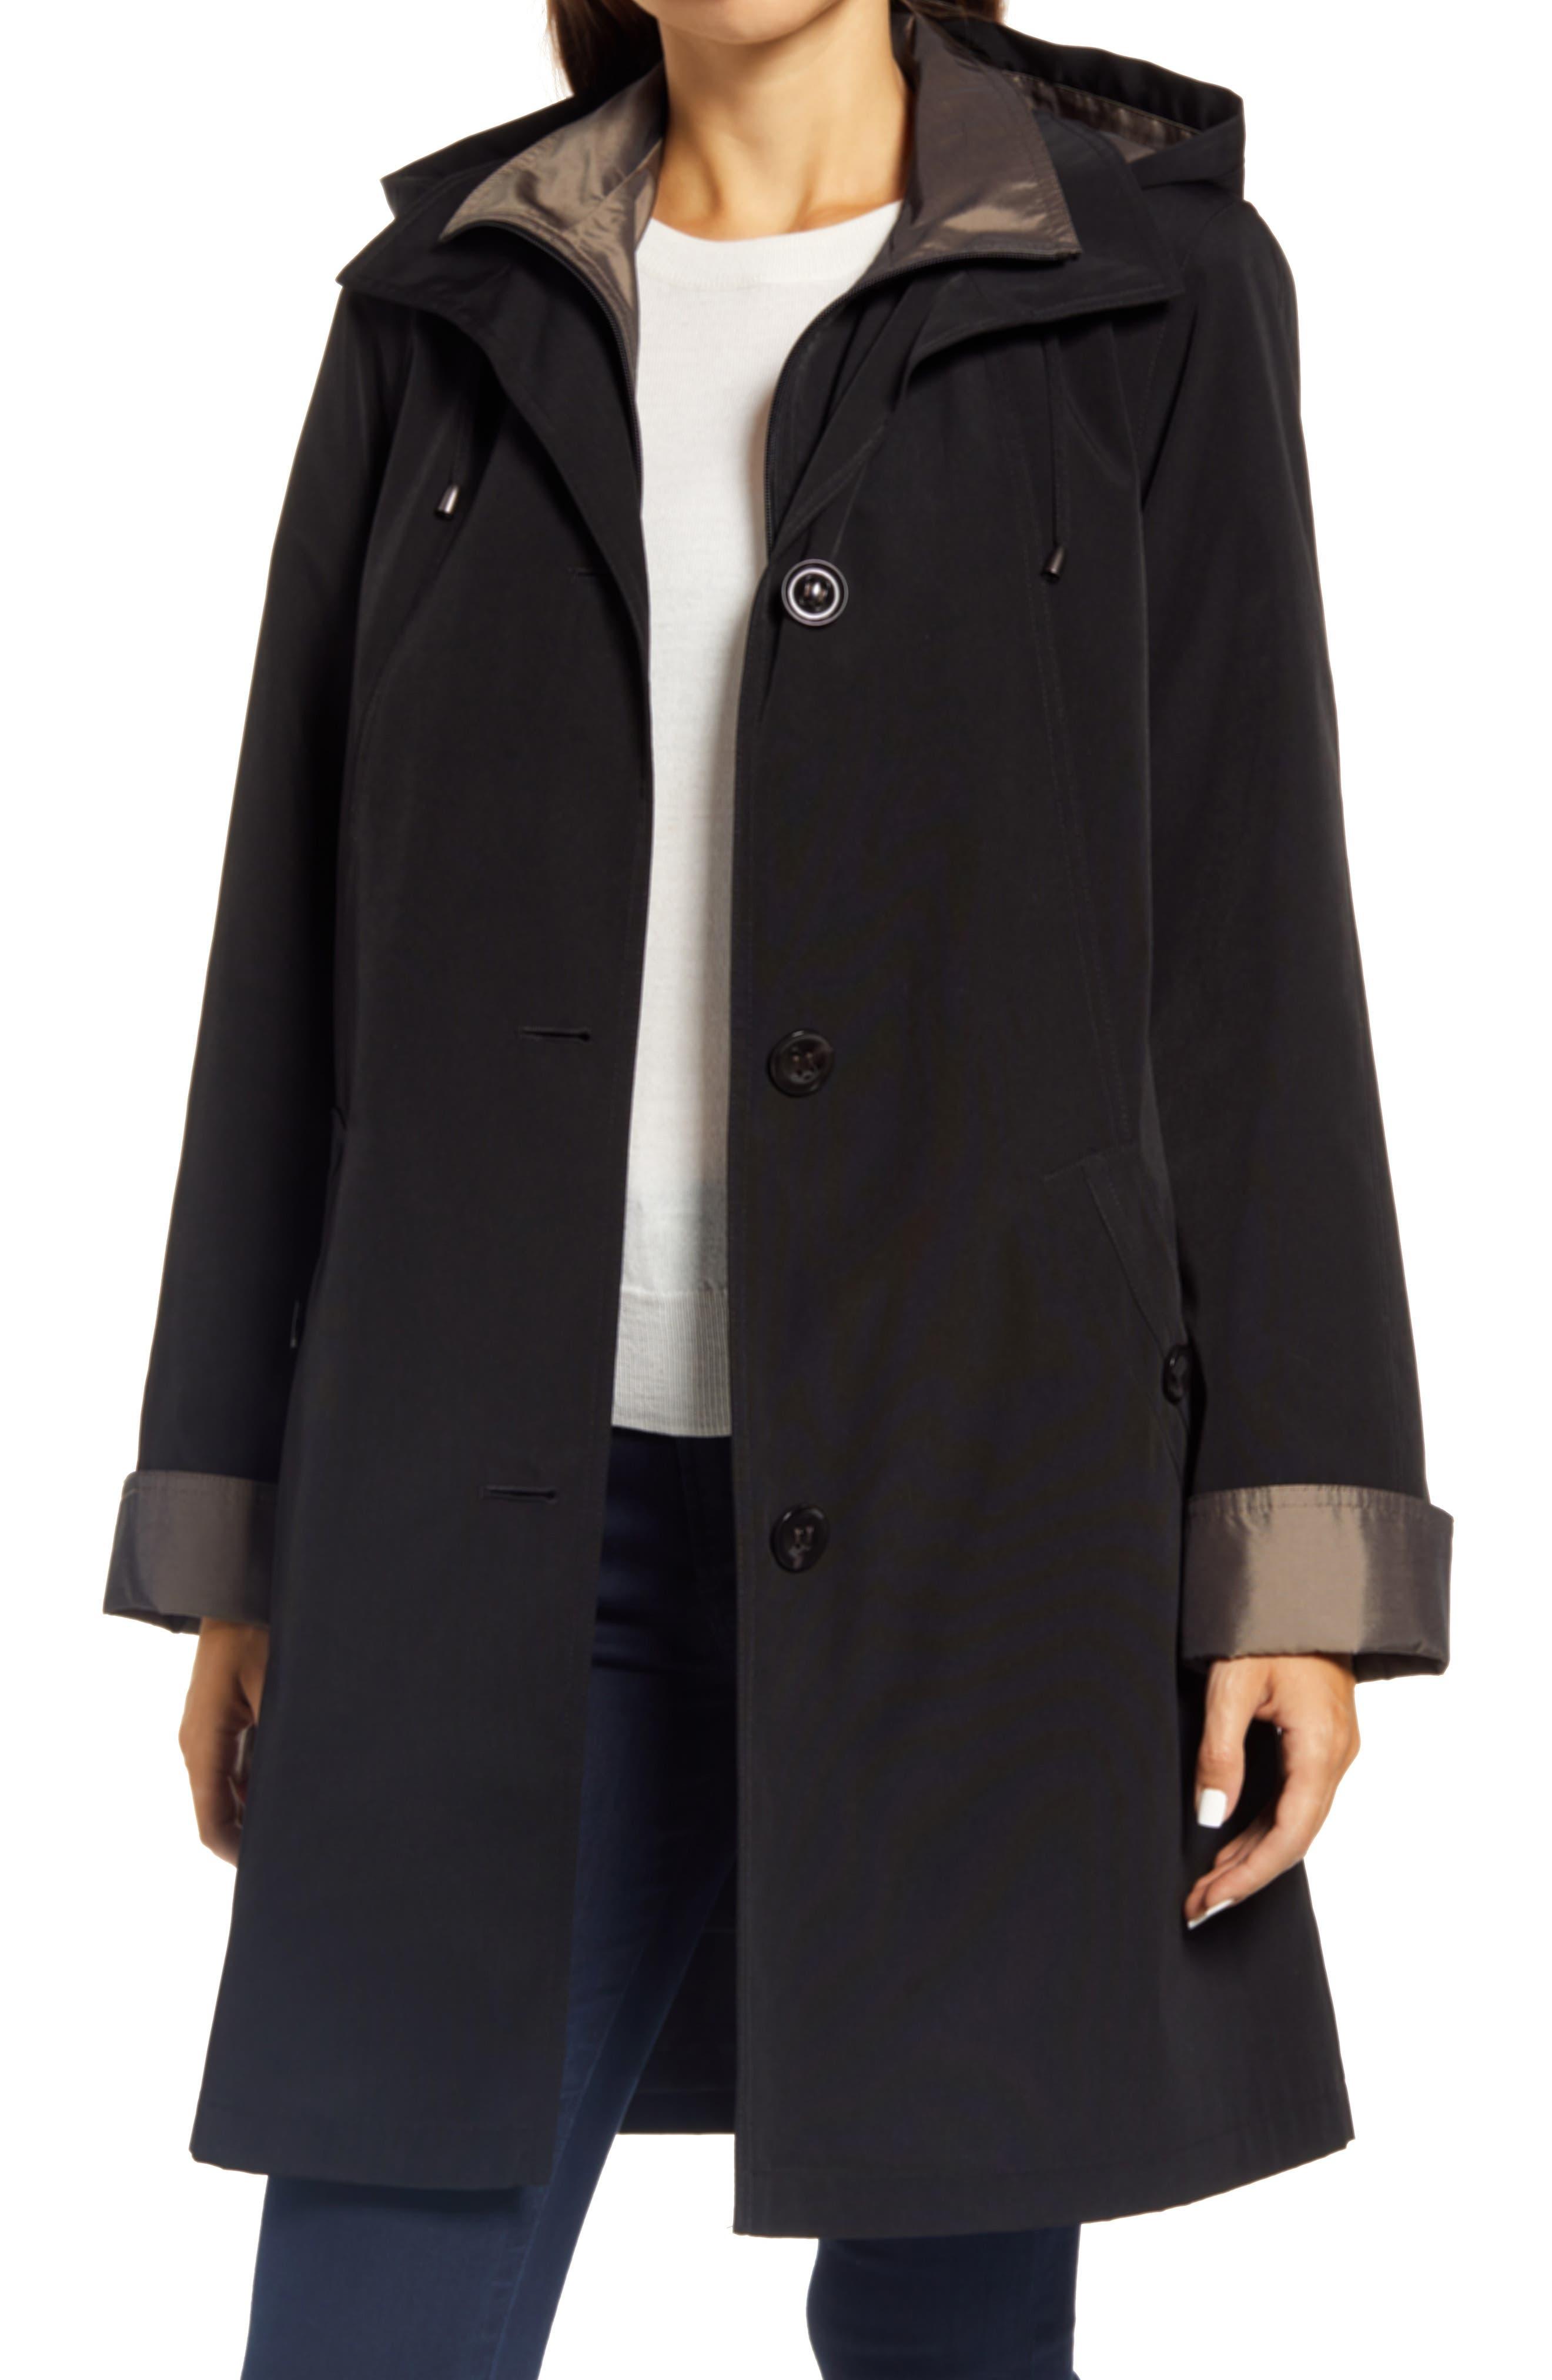 Water Resistant Hooded Rain Jacket